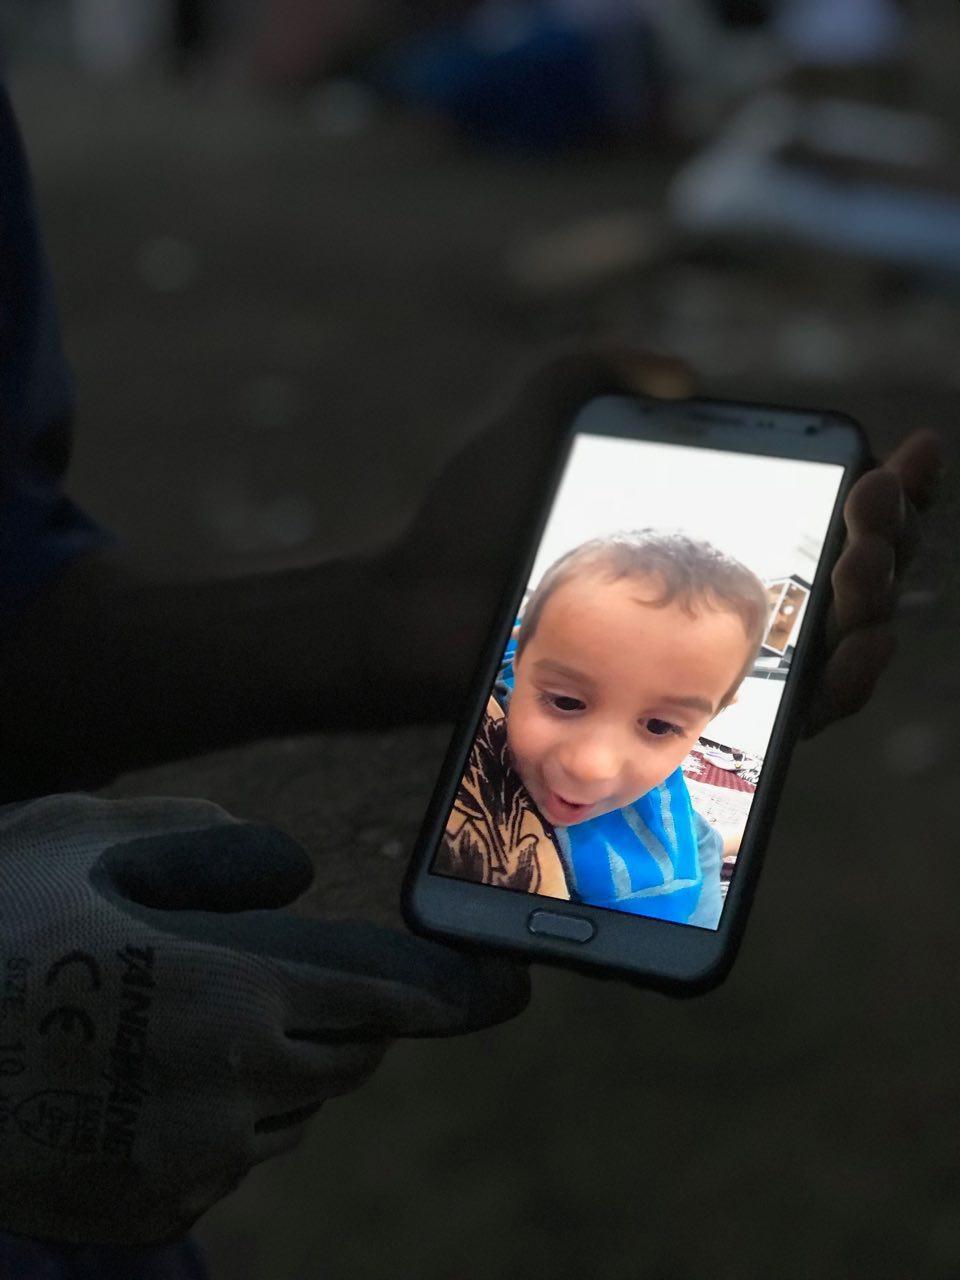 تصاویر خبرنگار اعزامی همشهری آنلاین از مناطق زلزلهزده | نعمت پس از محنت